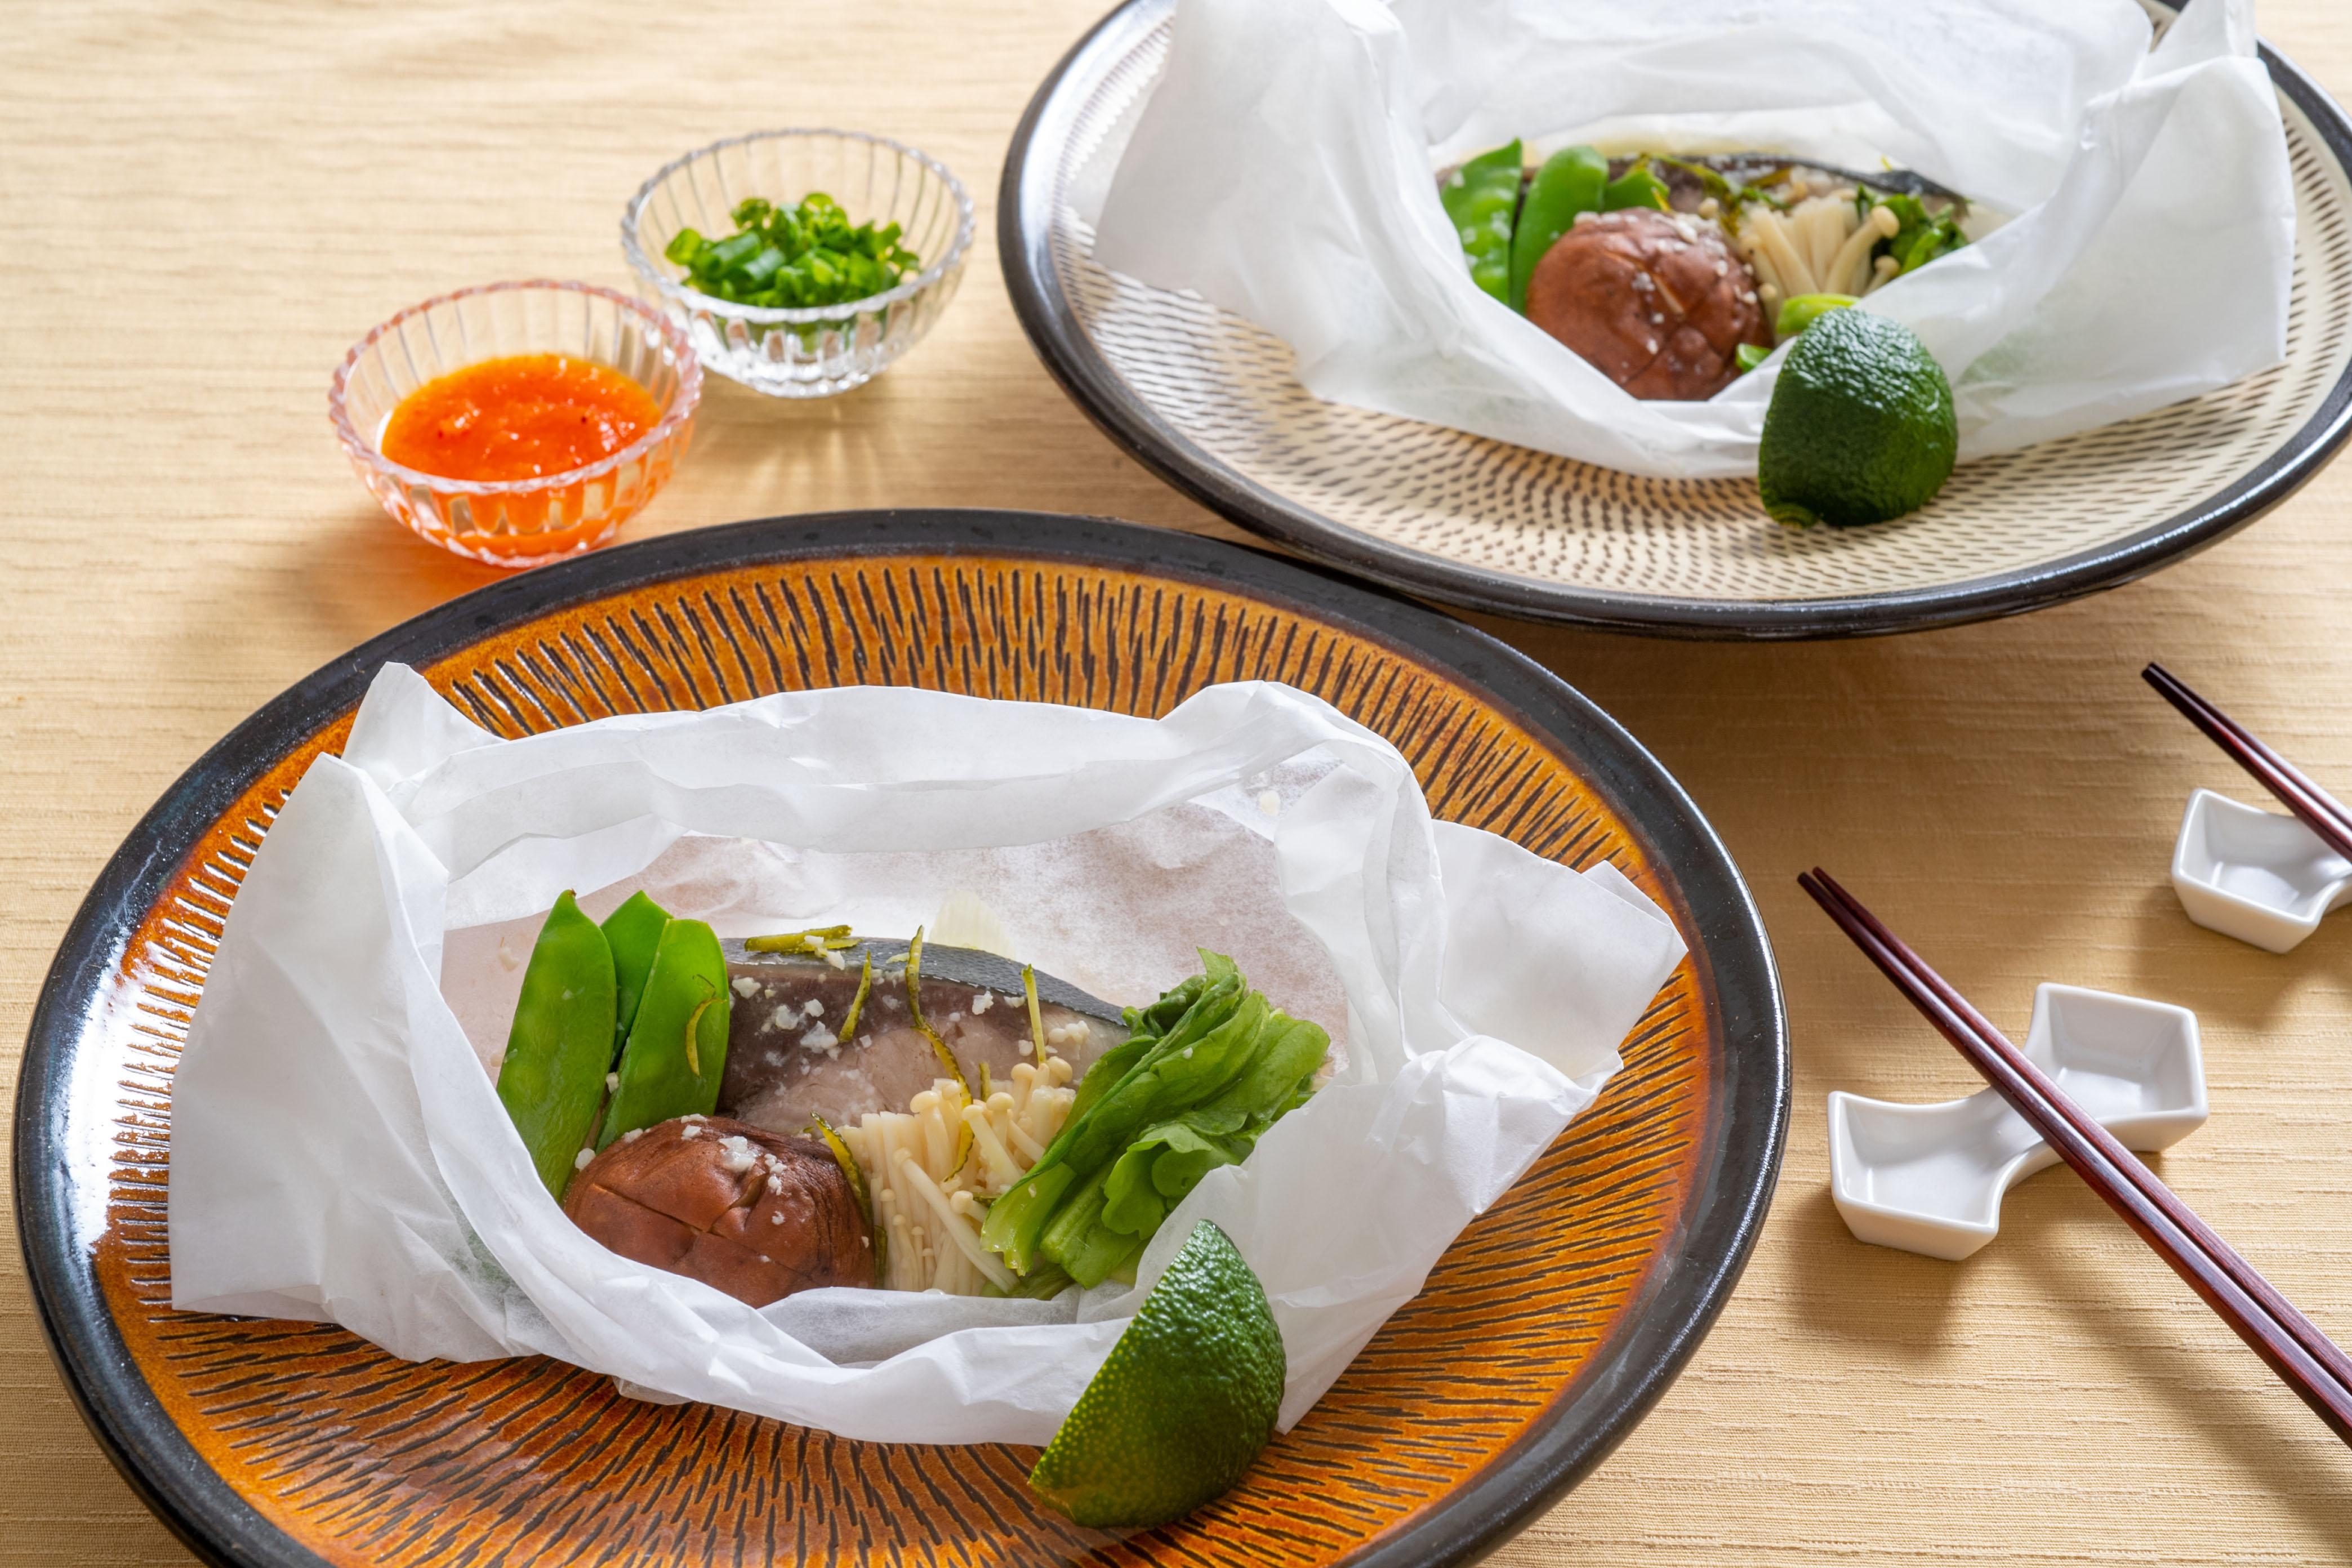 【10月のレシピ】ぶりの柚子風味塩こうじソース蒸し